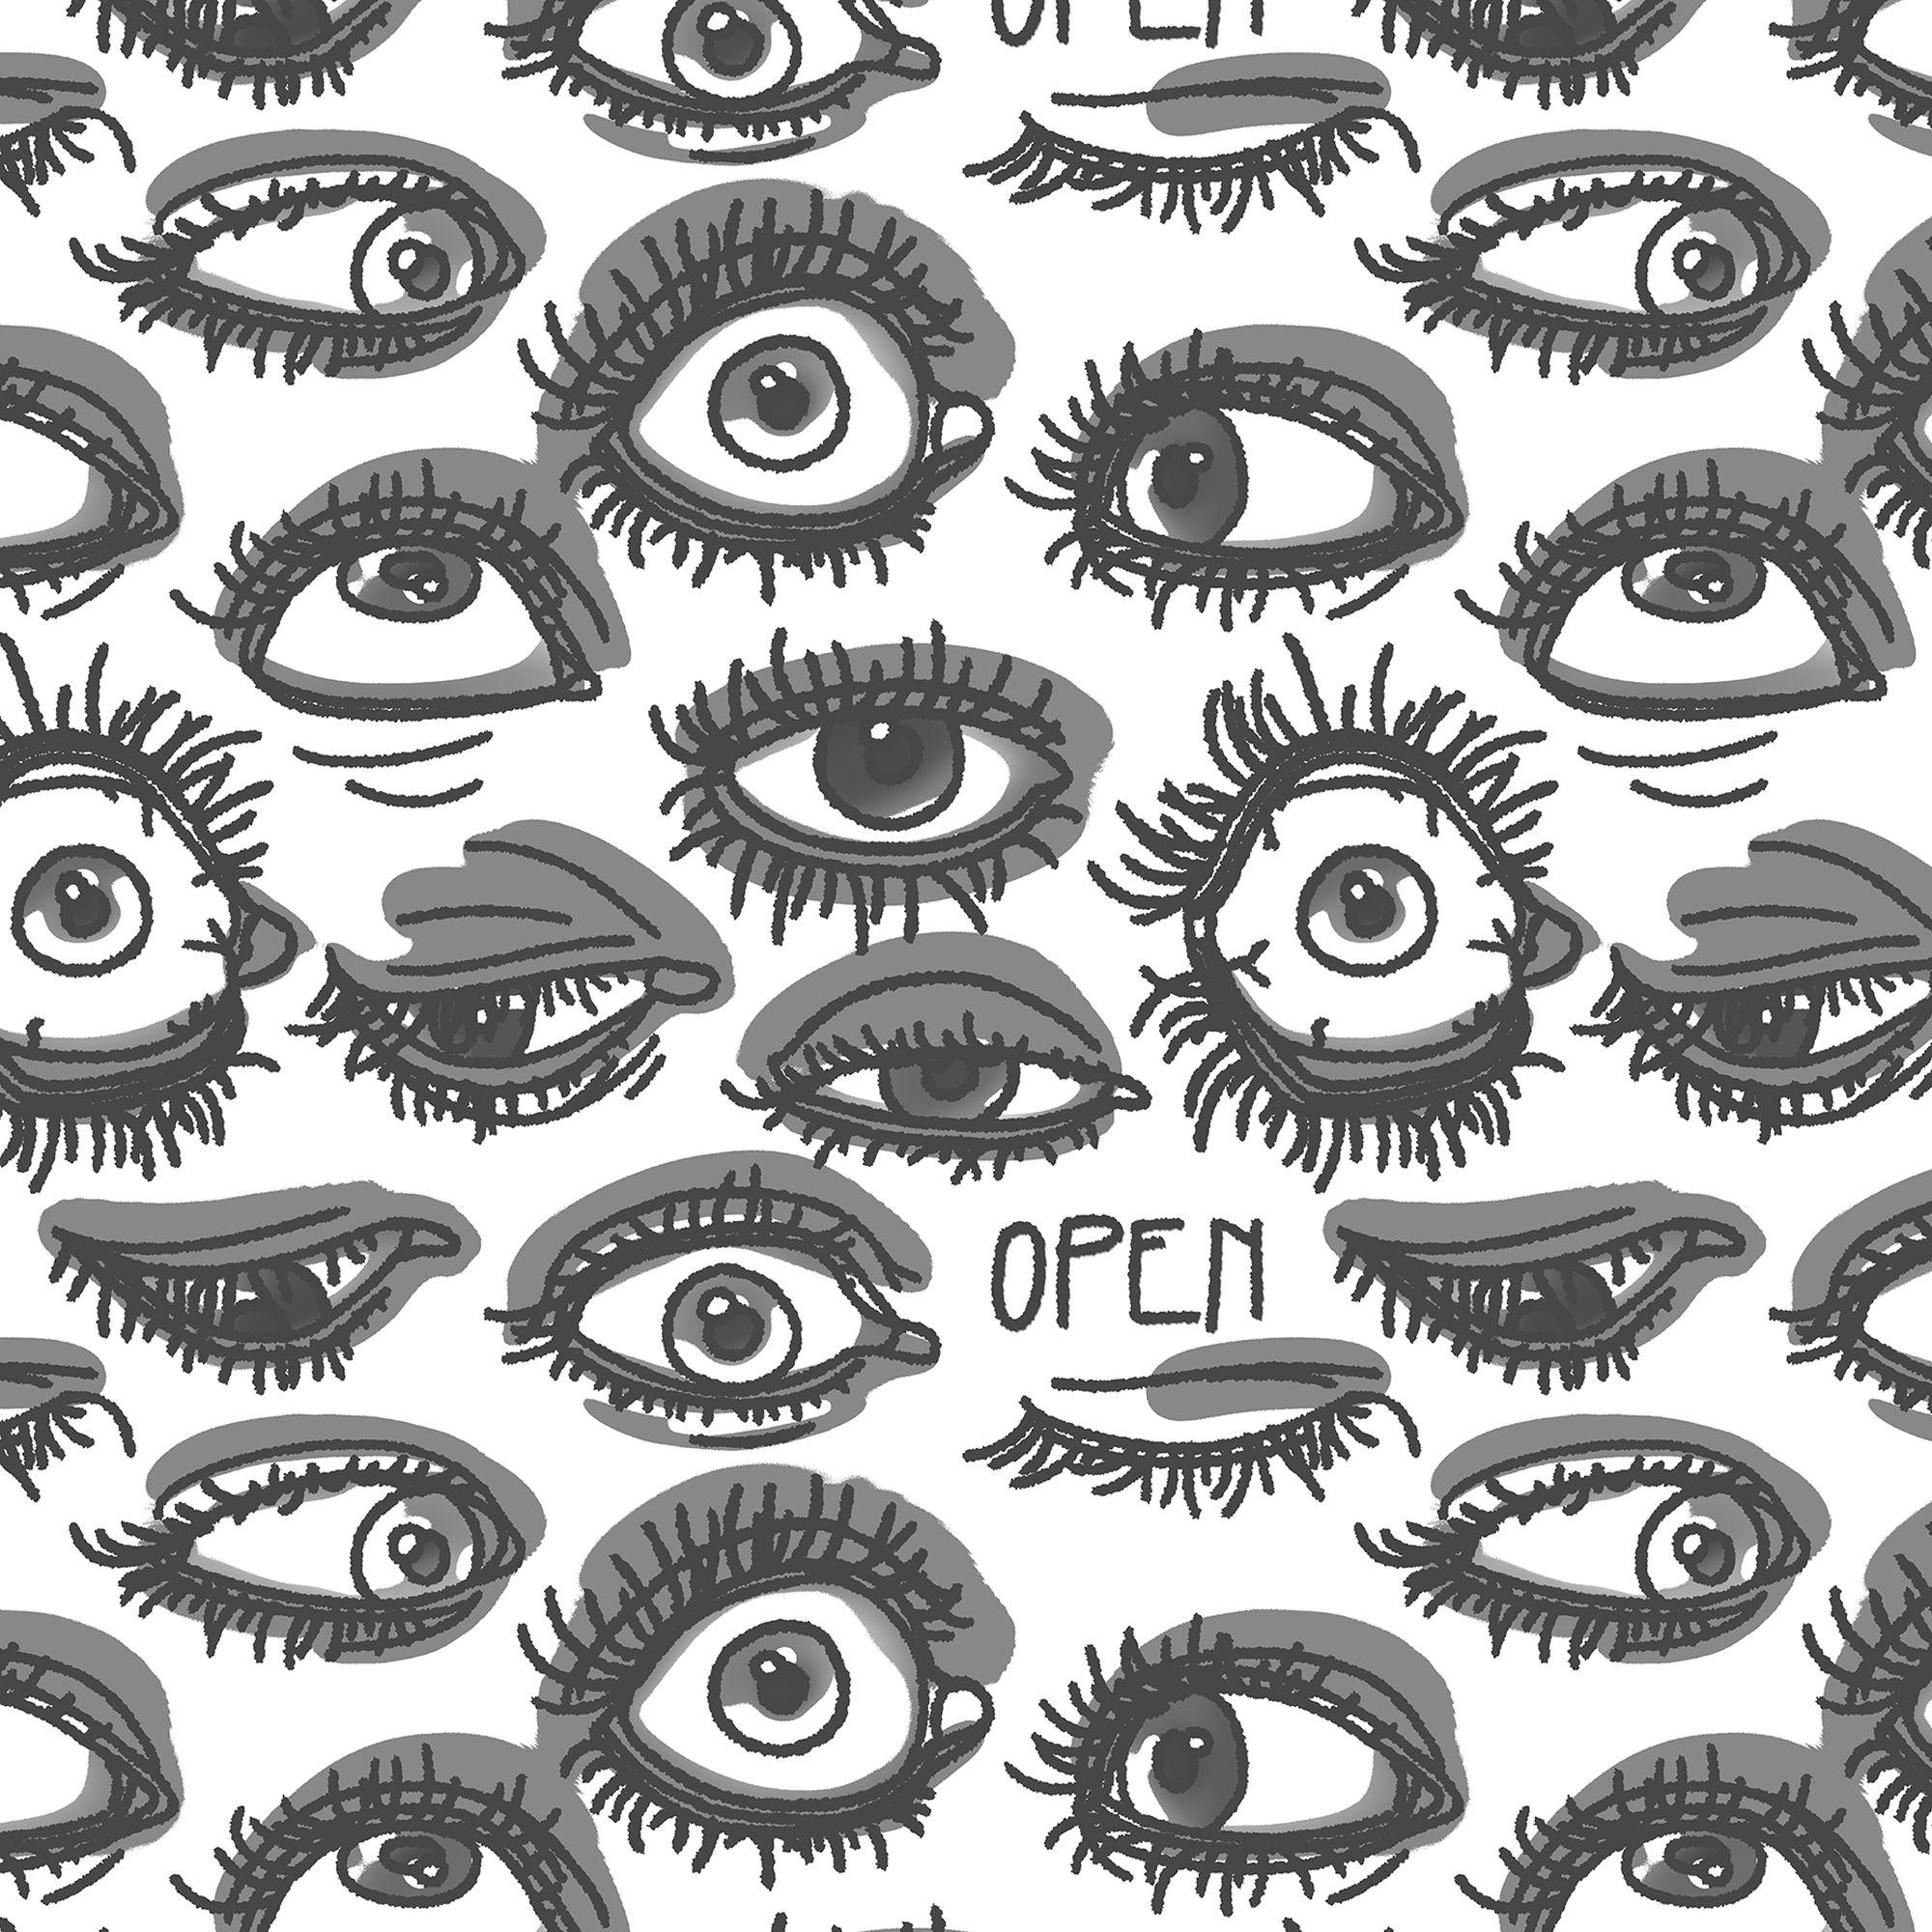 Open Your Eyes Lagurley Fondos De Pantalla Wallpaper